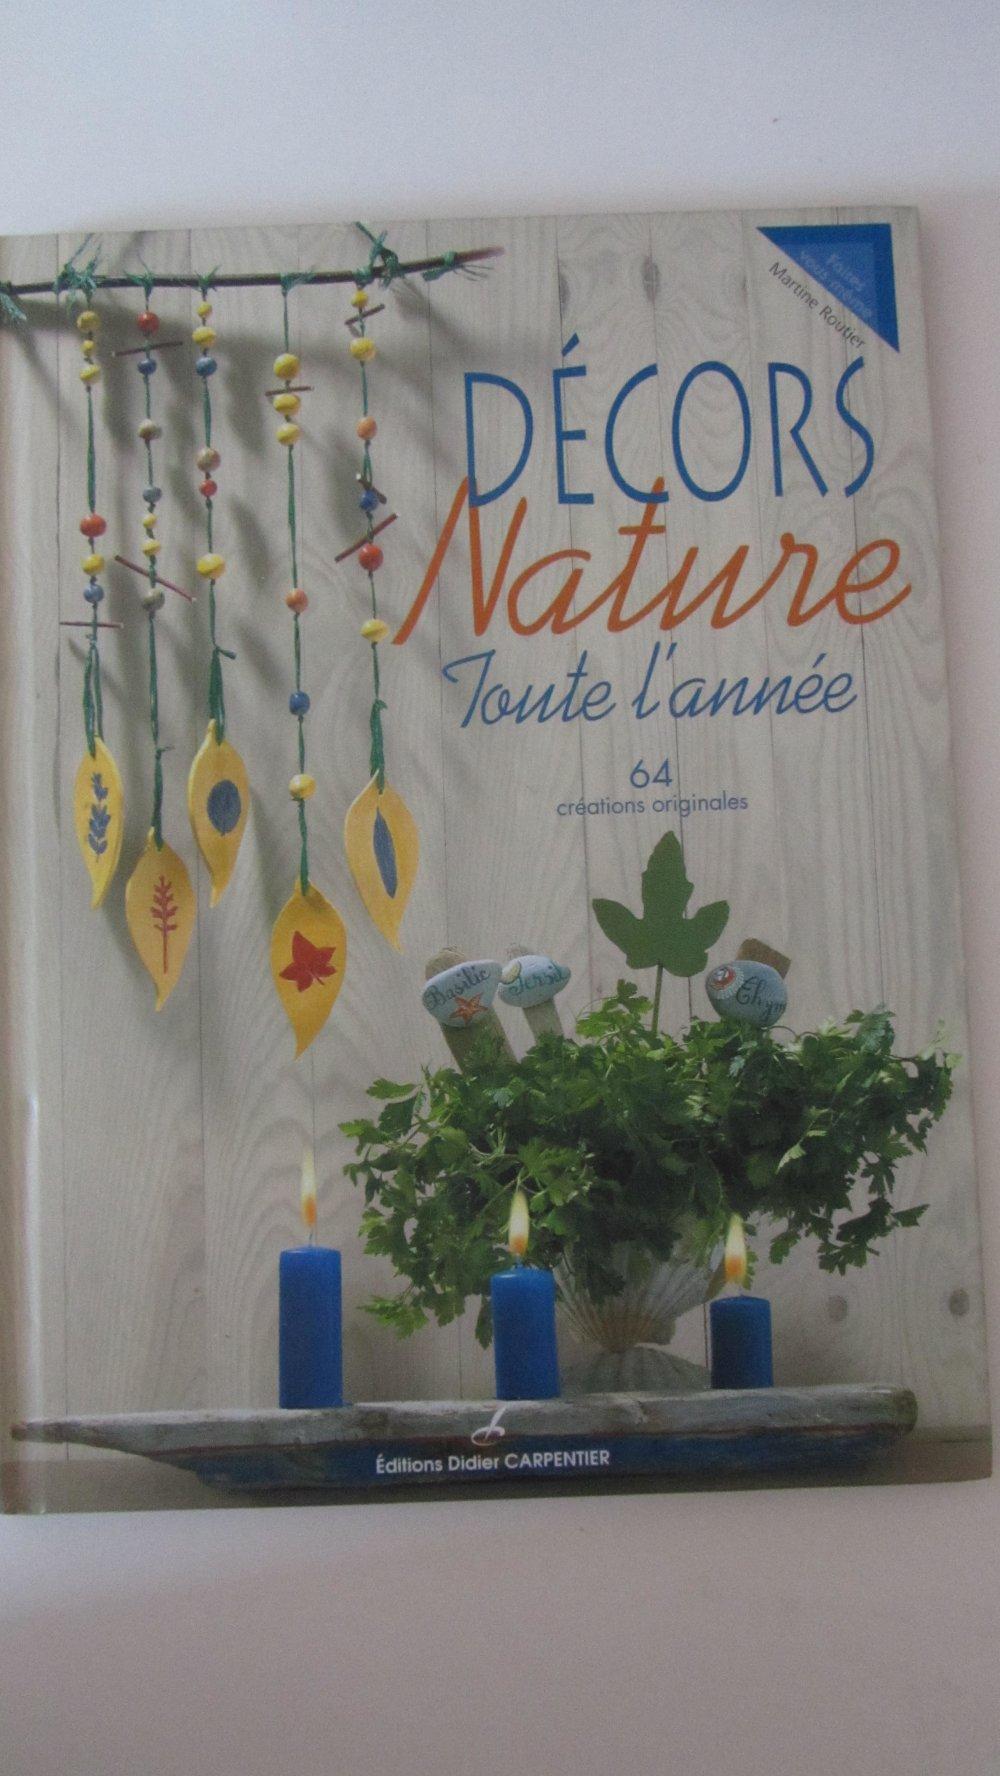 """Livre """"Décors nature toute l'année"""" - 64 créations originales"""